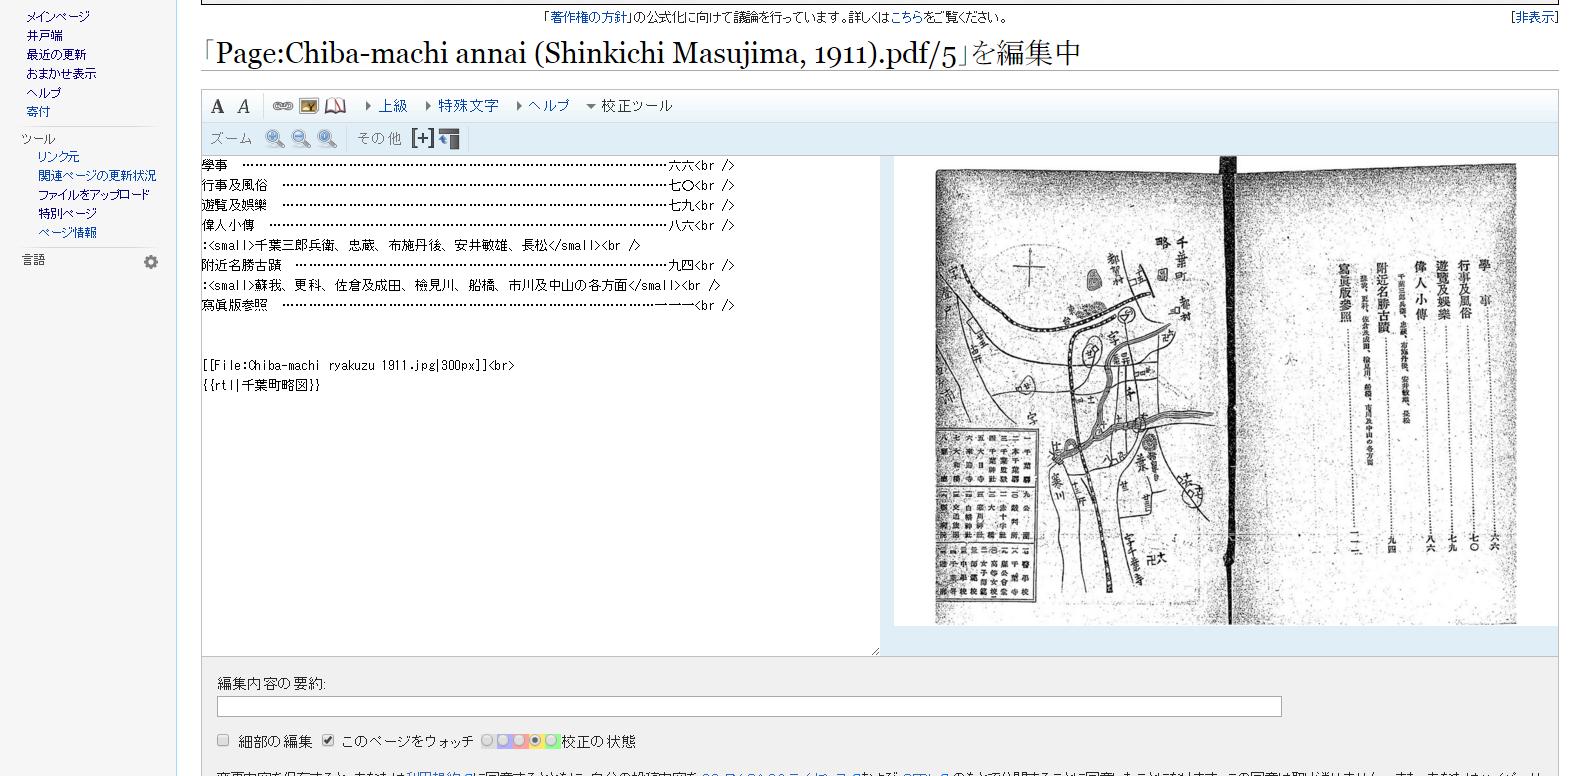 「Page Chiba machi annai  Shinkichi Masujima  1911 .pdf 5」を編集中   Wikisource.png